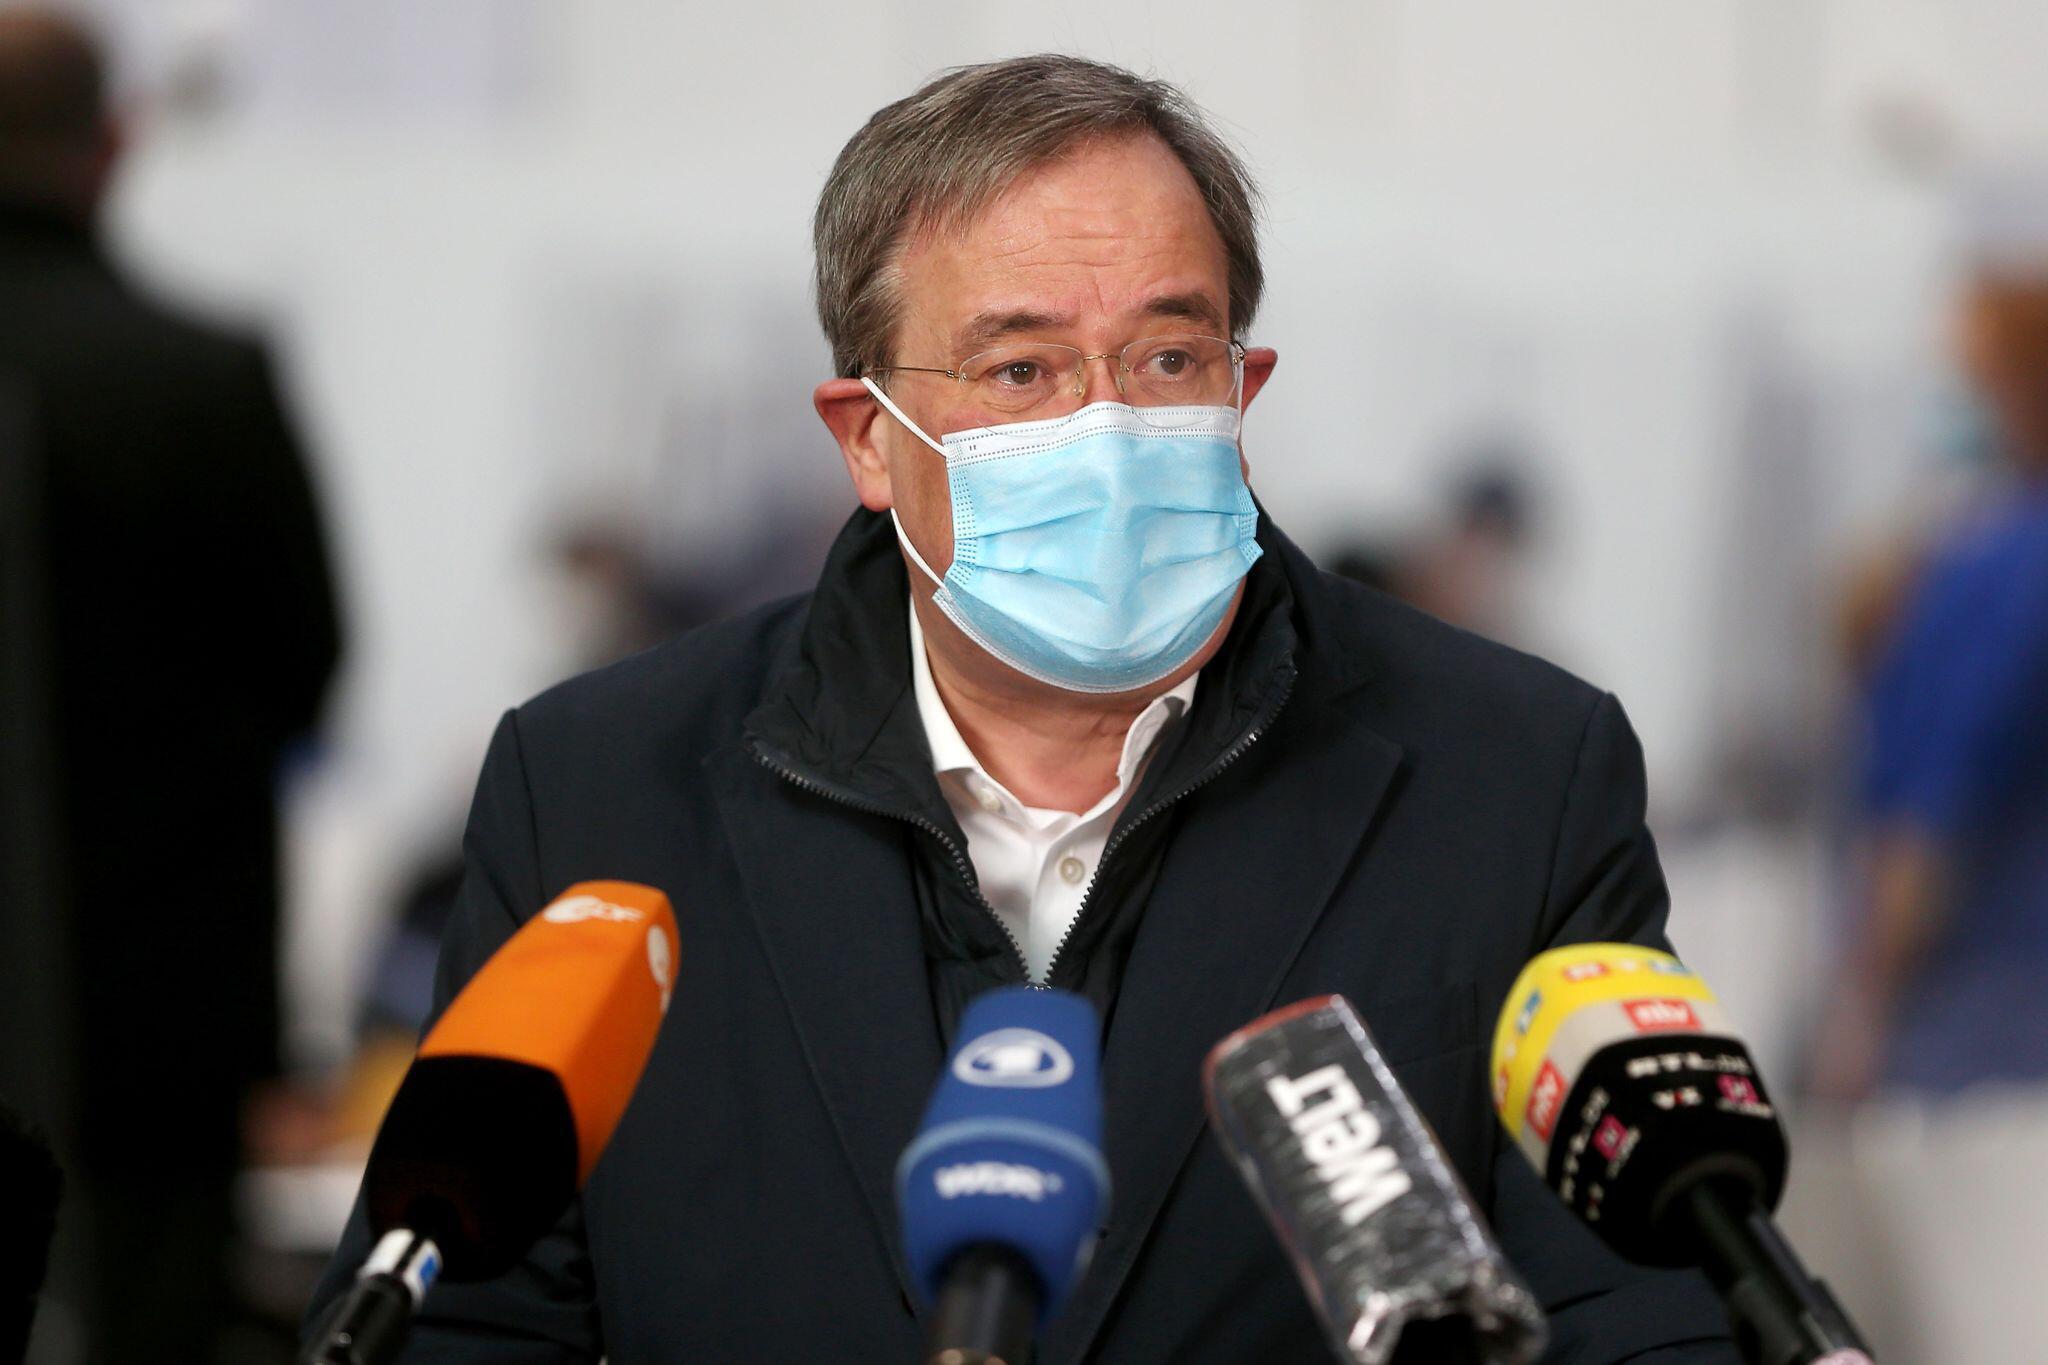 Bild zu Ministerpräsident Laschet besucht Impfzentrum in Aachen